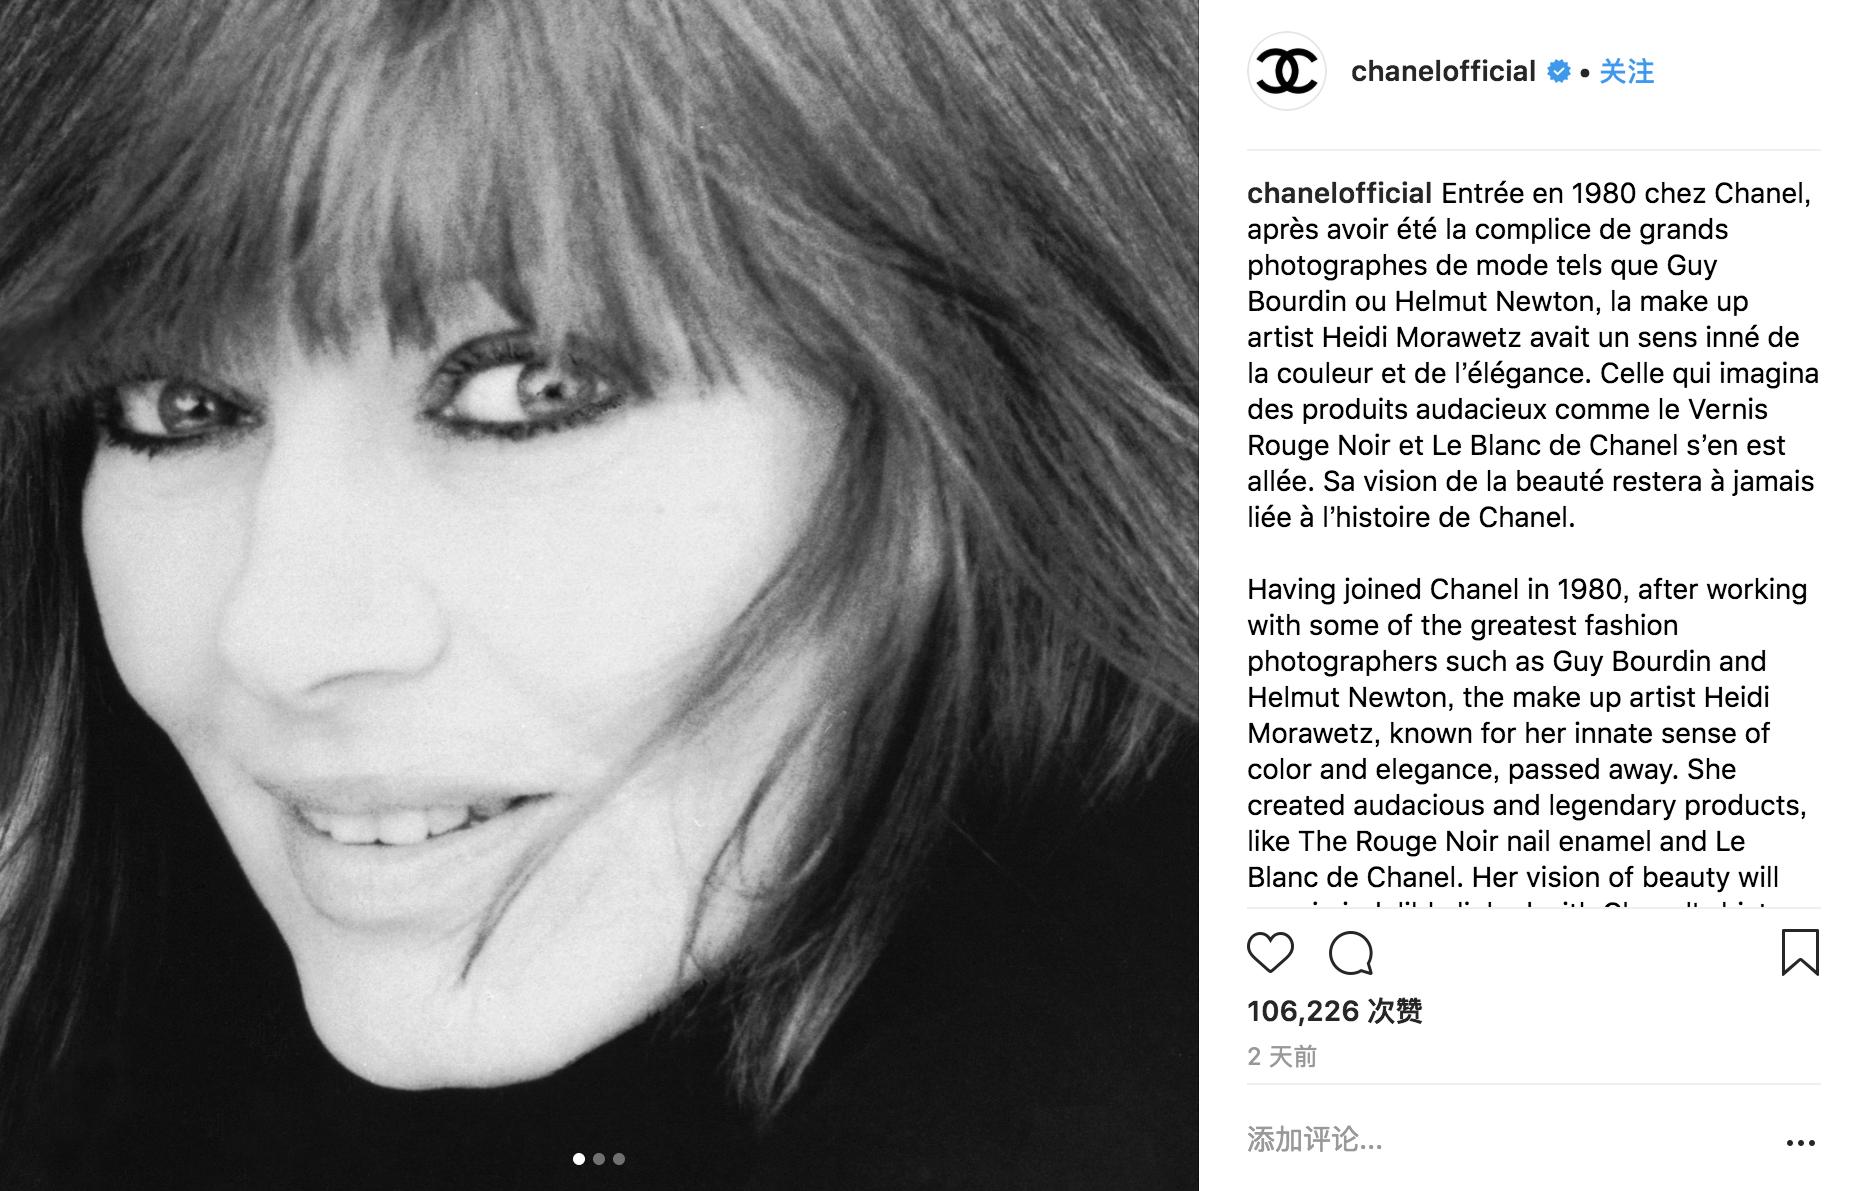 Chanel 美妆部门近30年的掌门人:化妆大师 Heidi Morawetz去世,享年79岁